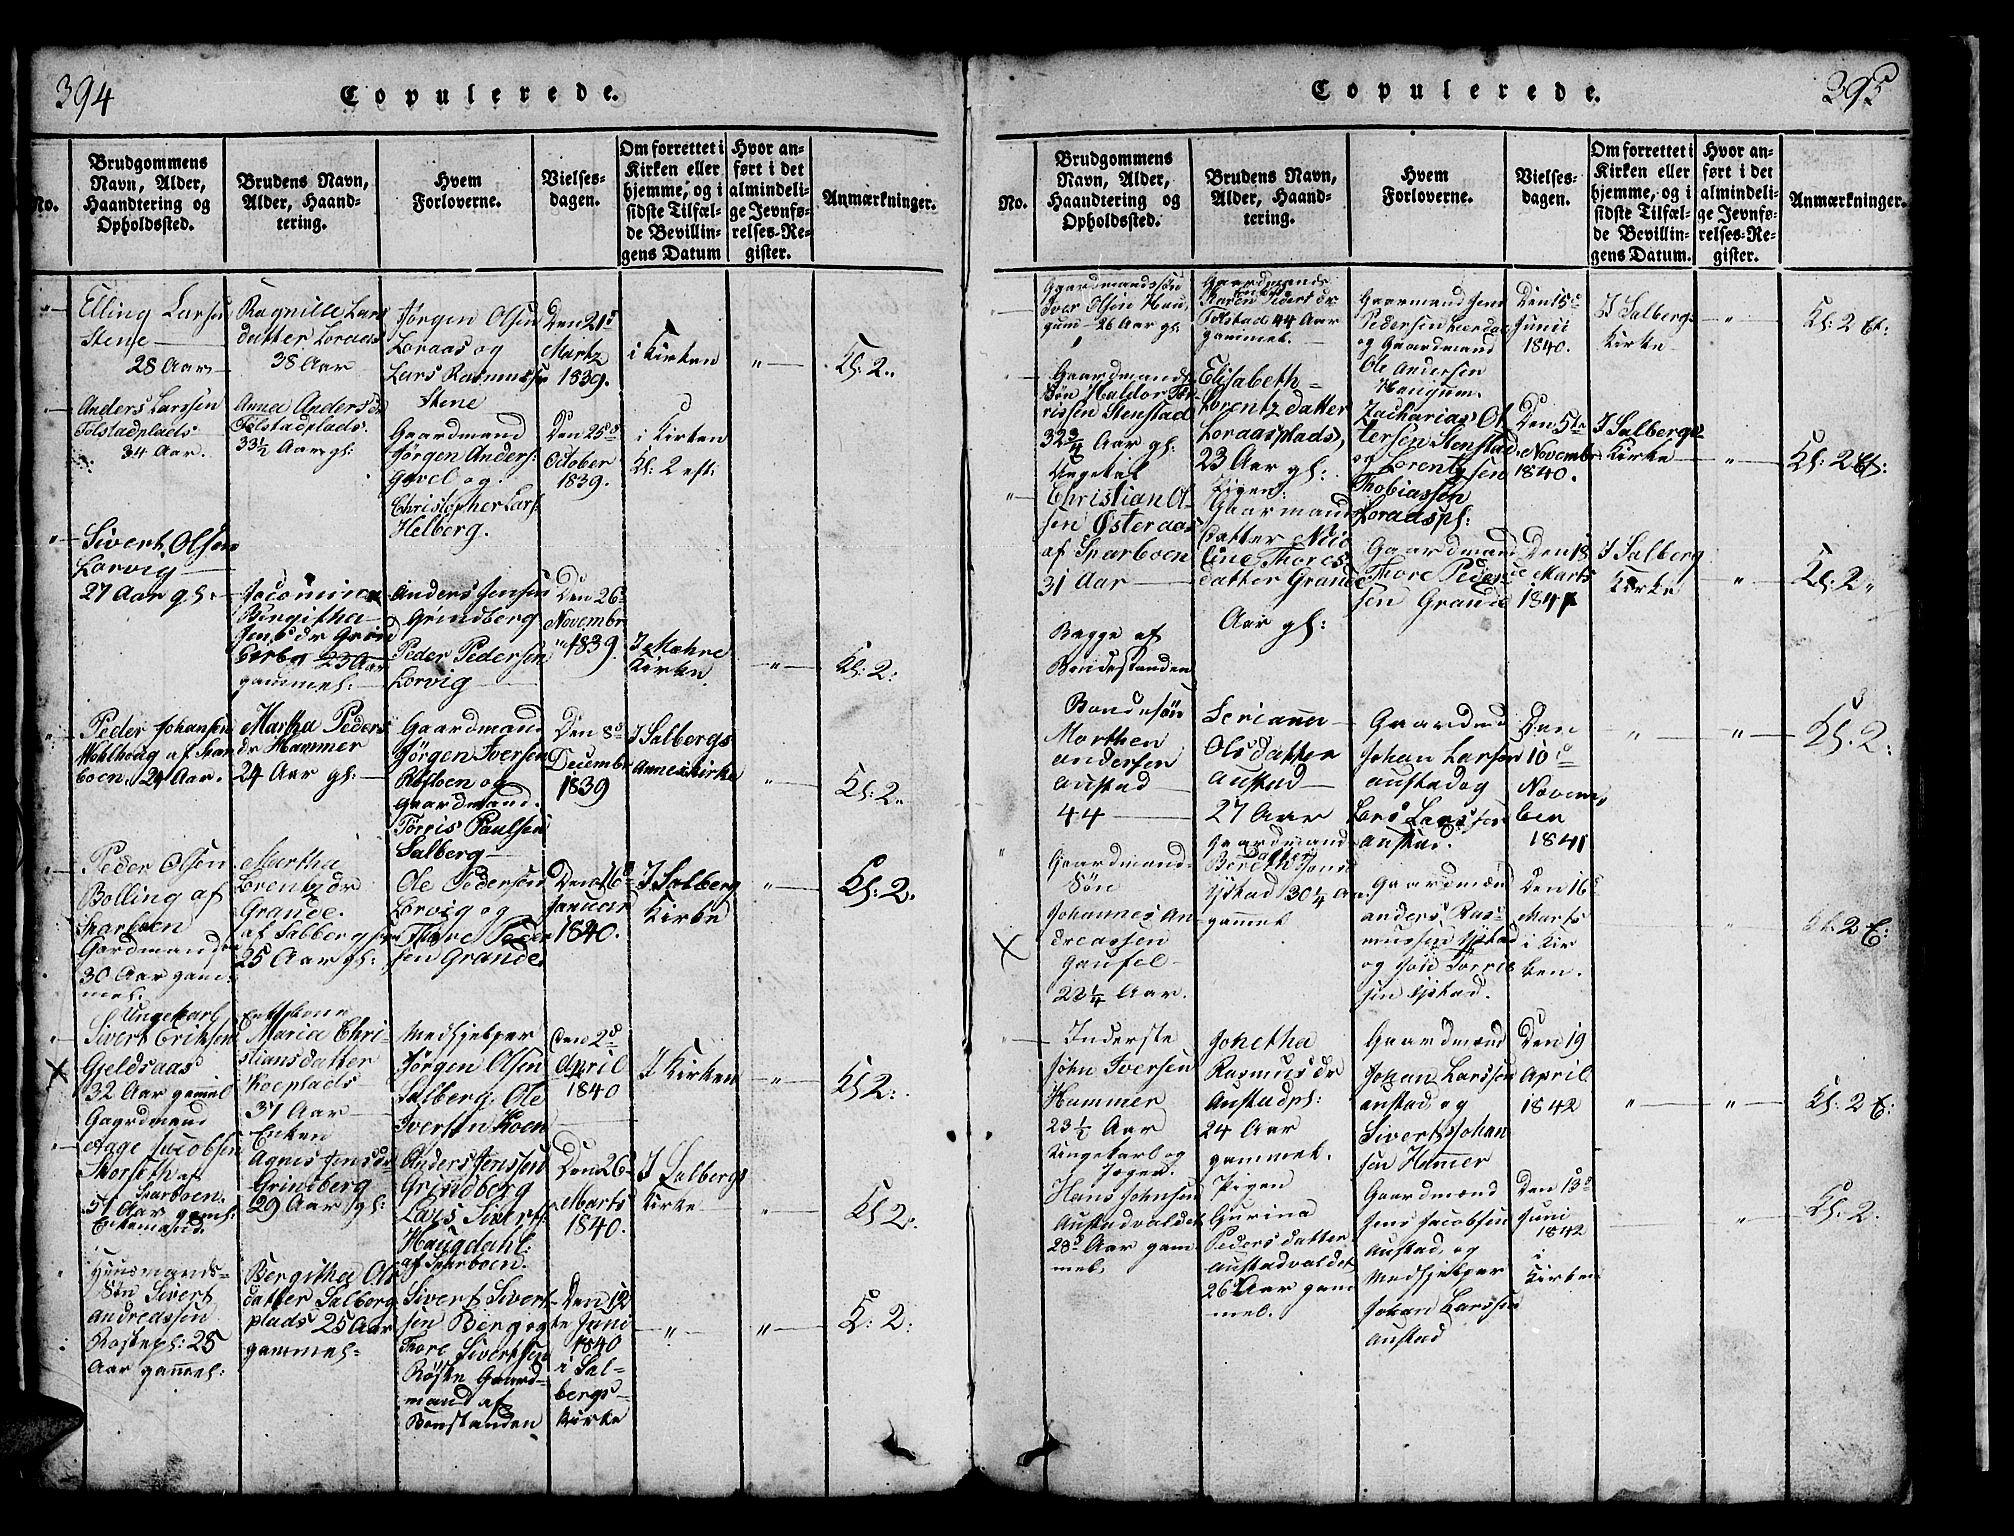 SAT, Ministerialprotokoller, klokkerbøker og fødselsregistre - Nord-Trøndelag, 731/L0310: Klokkerbok nr. 731C01, 1816-1874, s. 394-395